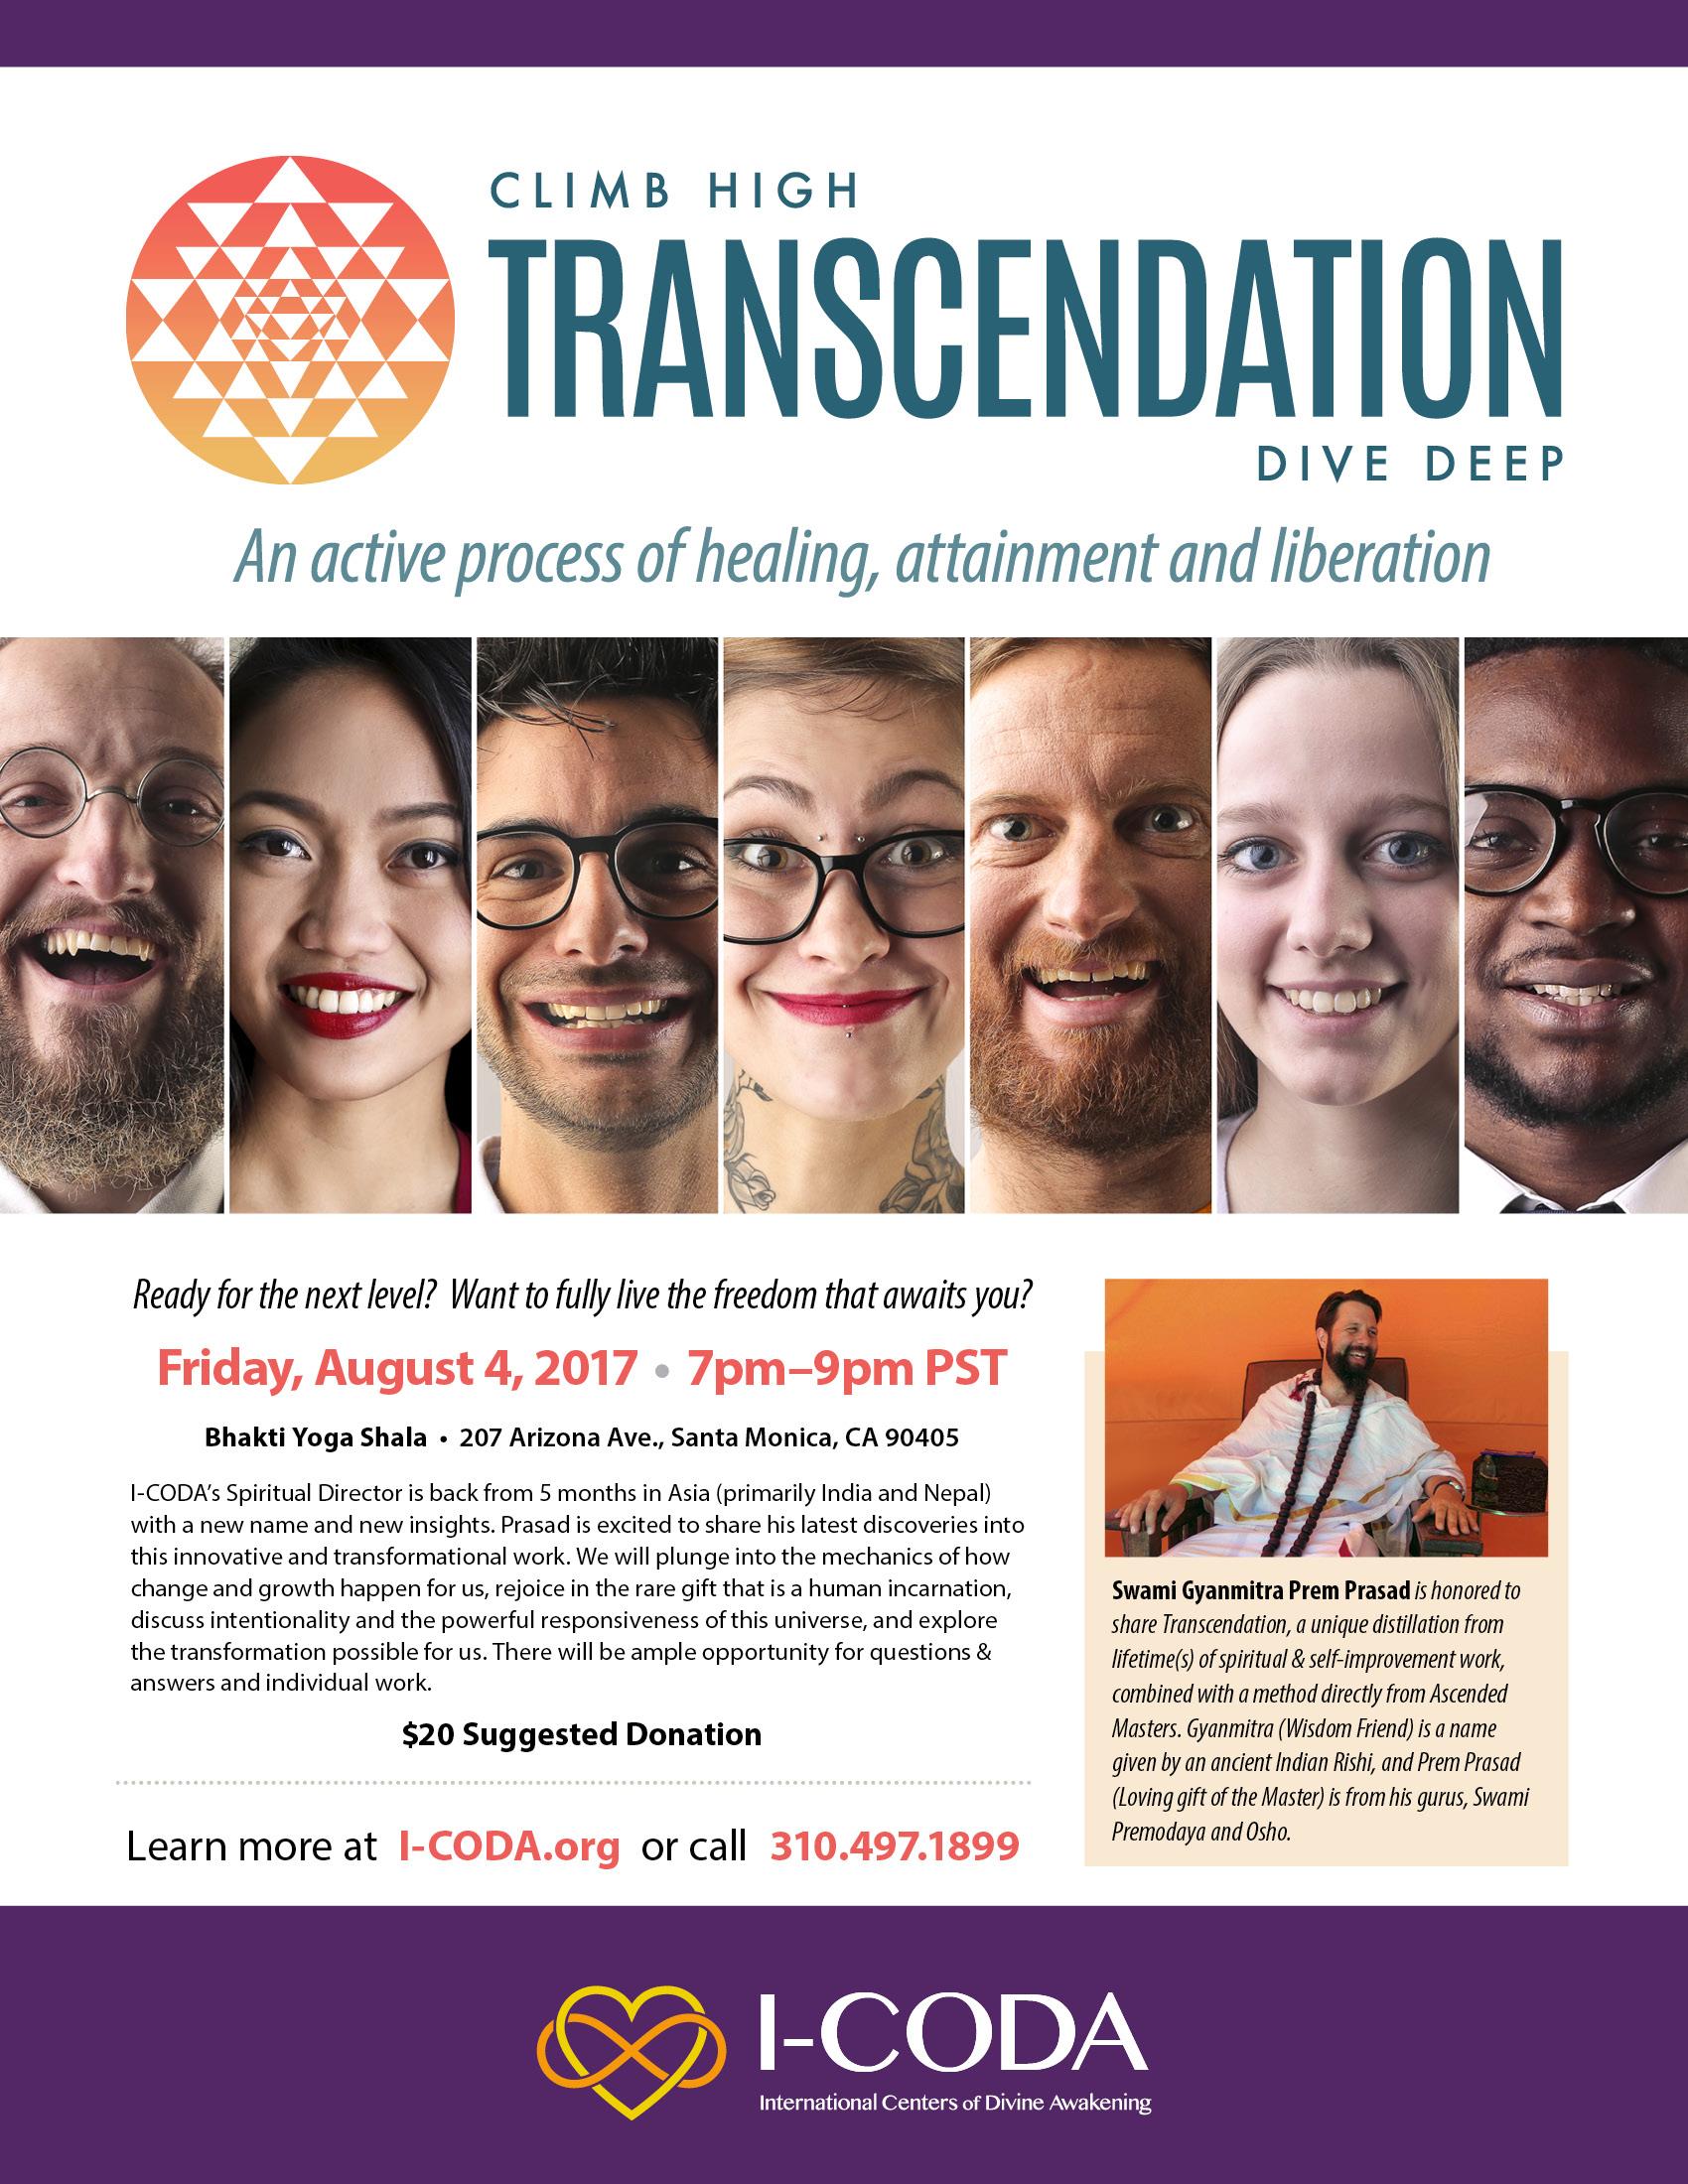 Transcendation BYS Jul 072617.jpg